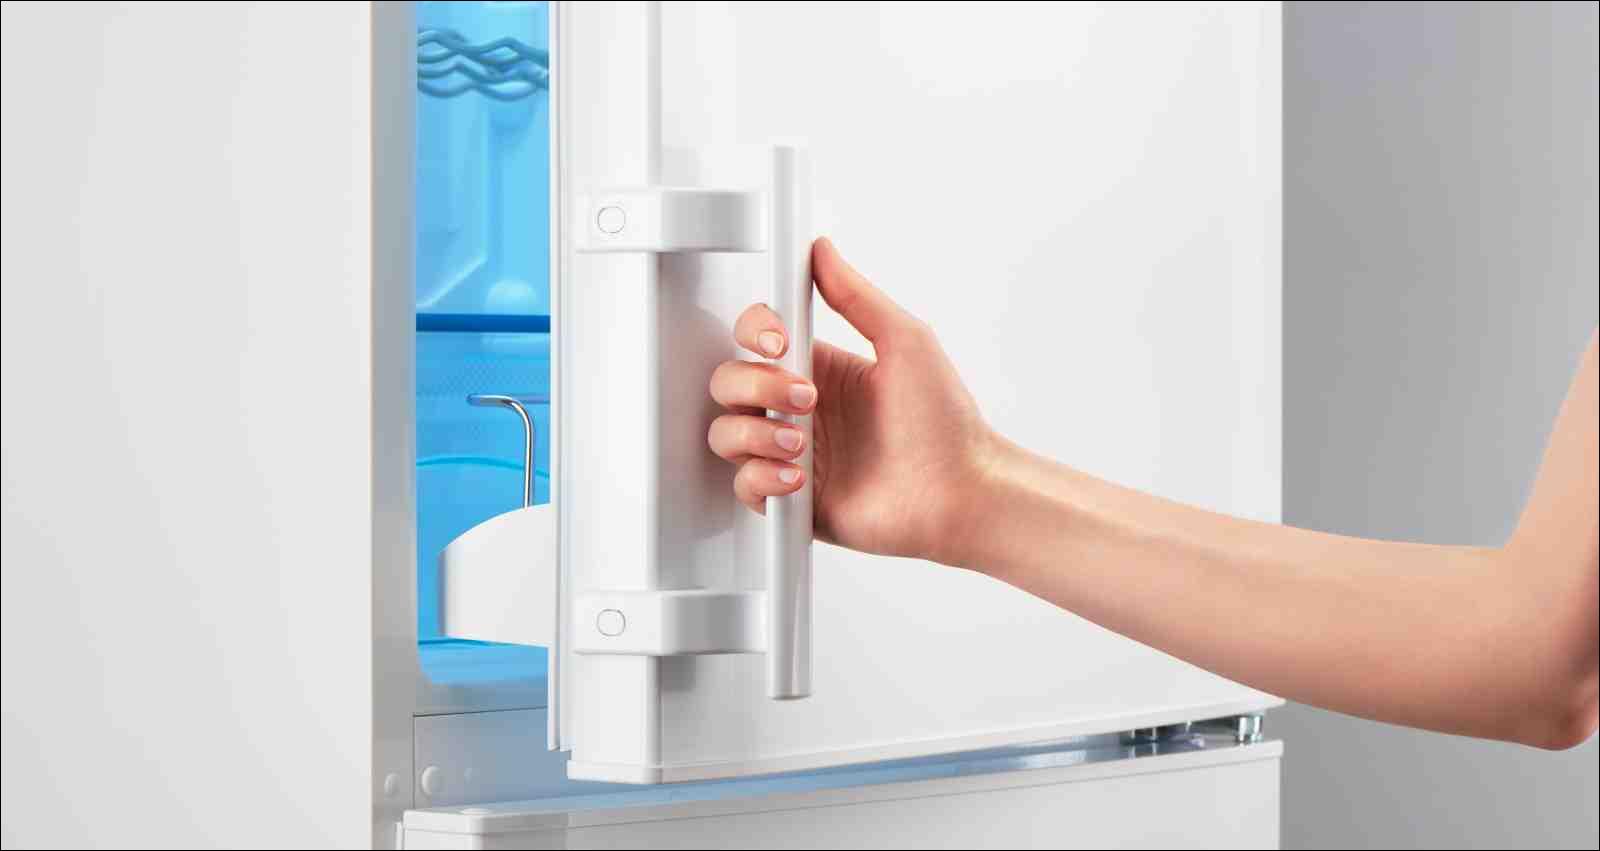 Female hand opening white refrigerator door